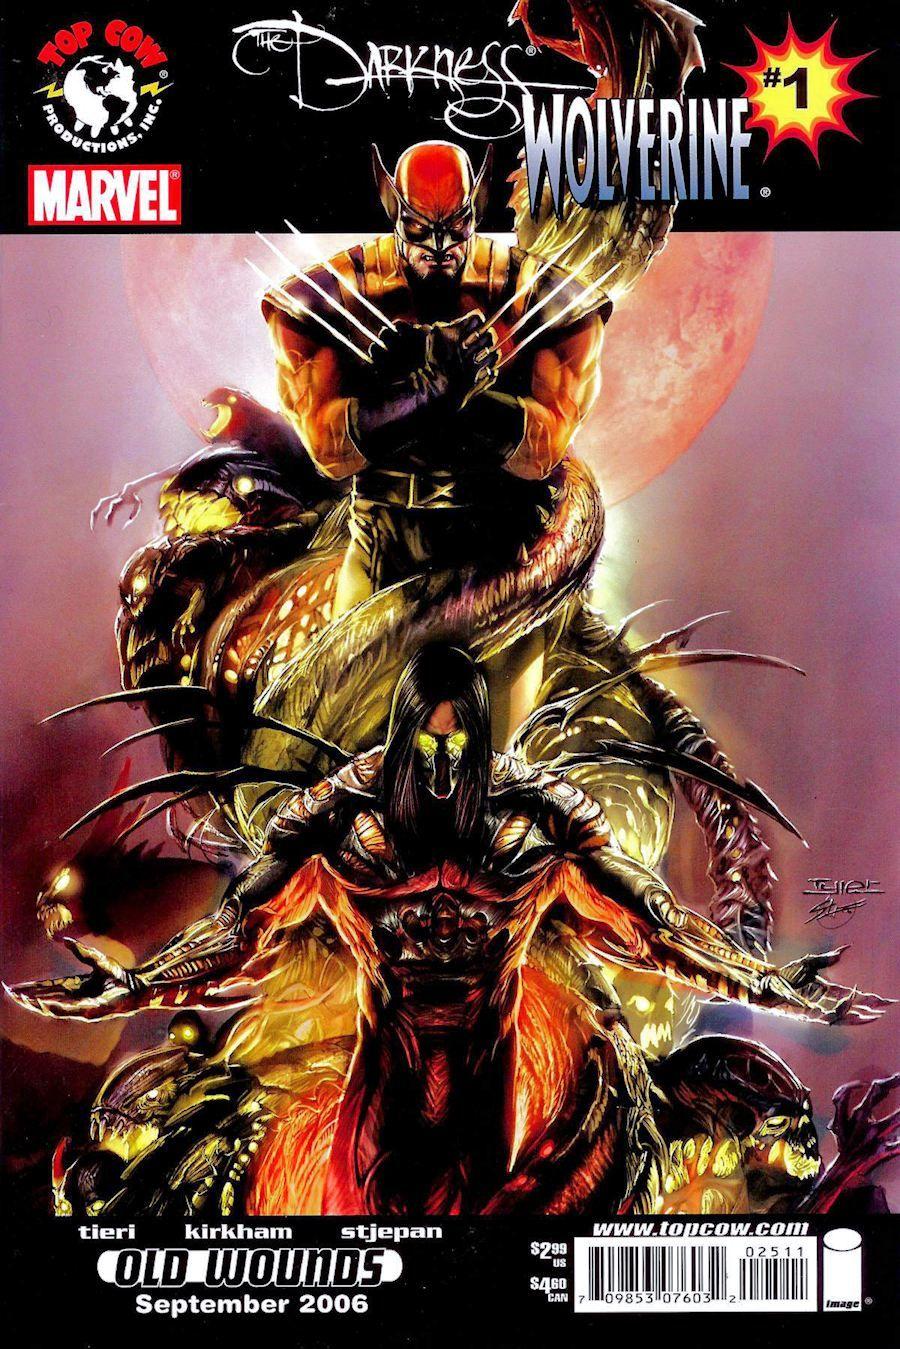 Darkness / Wolverine #1